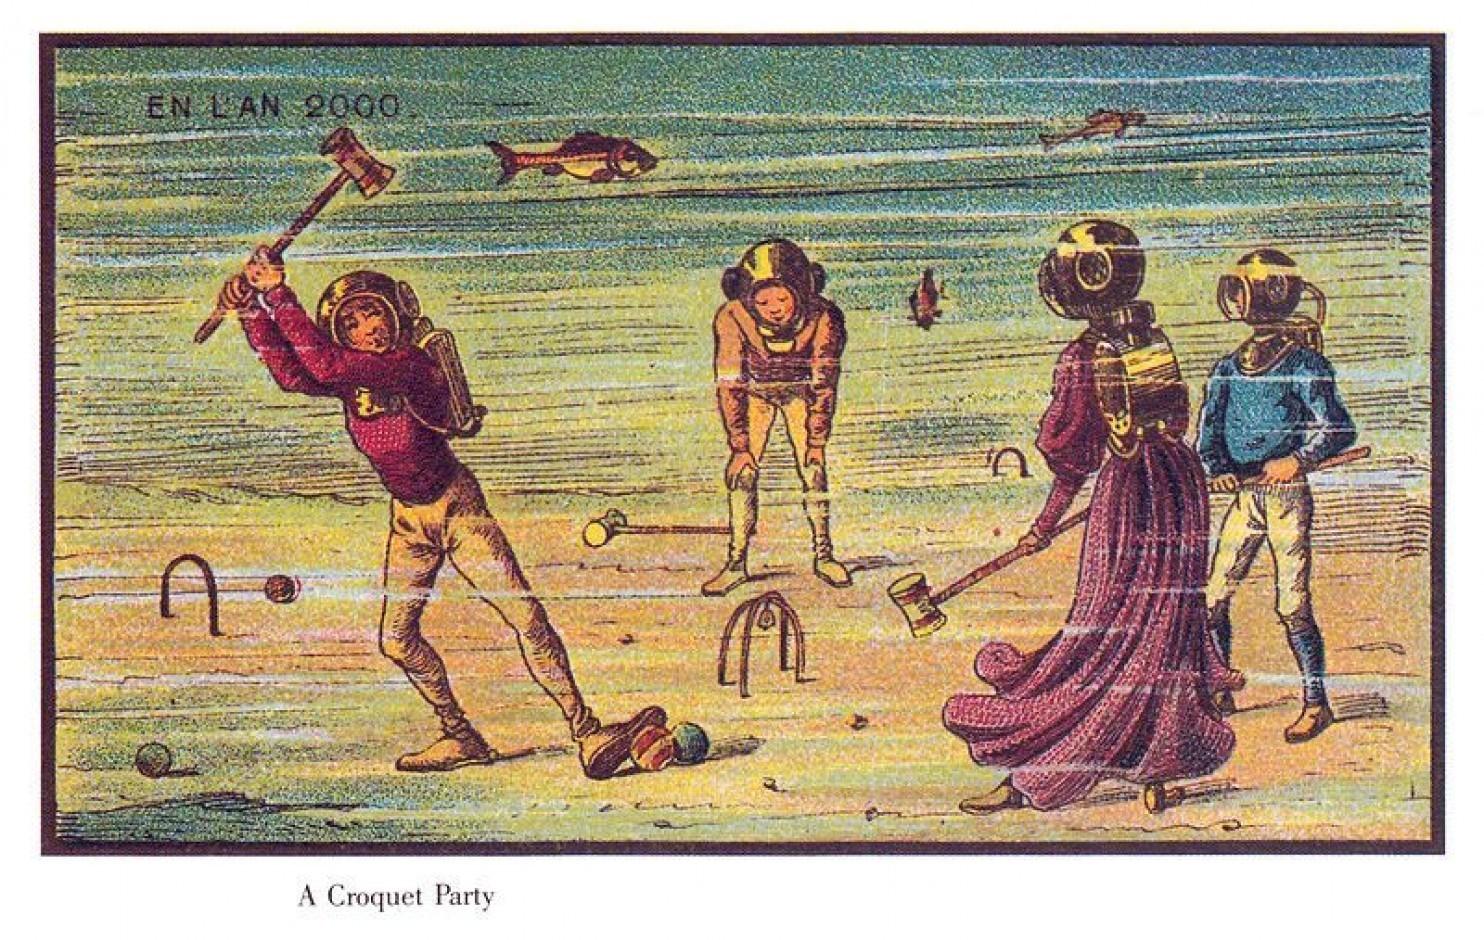 como imaginaban el futuro en 1900 ilustraciones 22